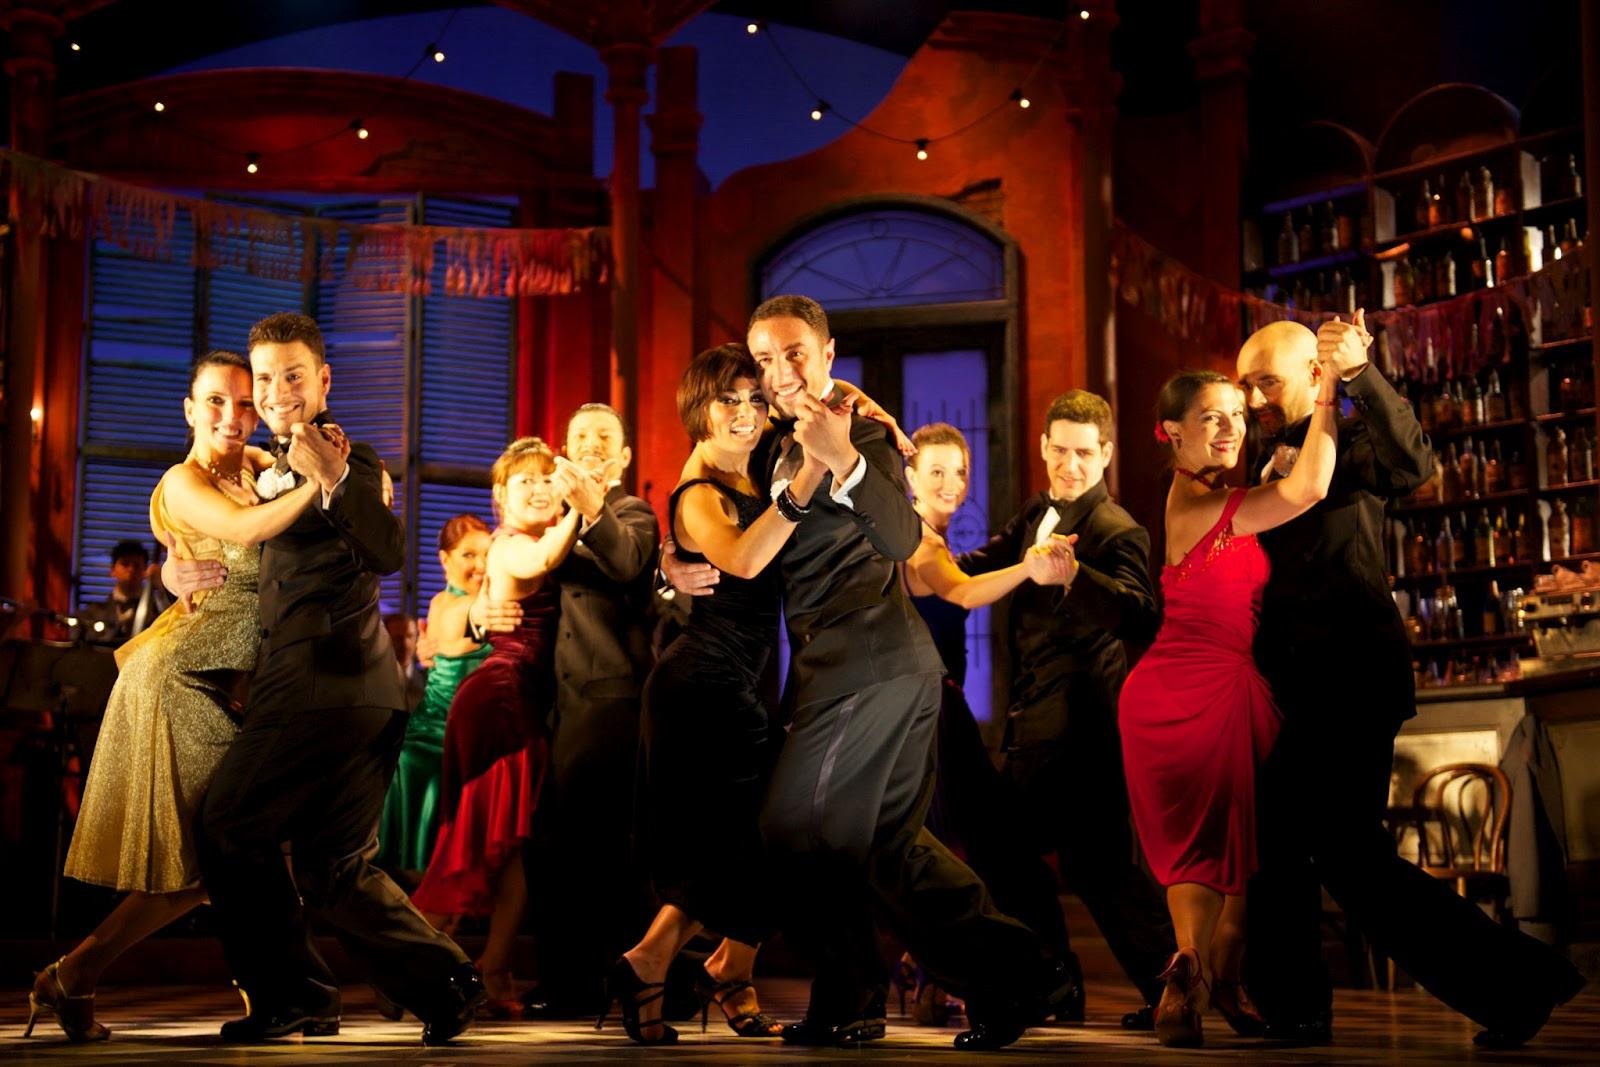 Как снять стресс? Танцуй танго!